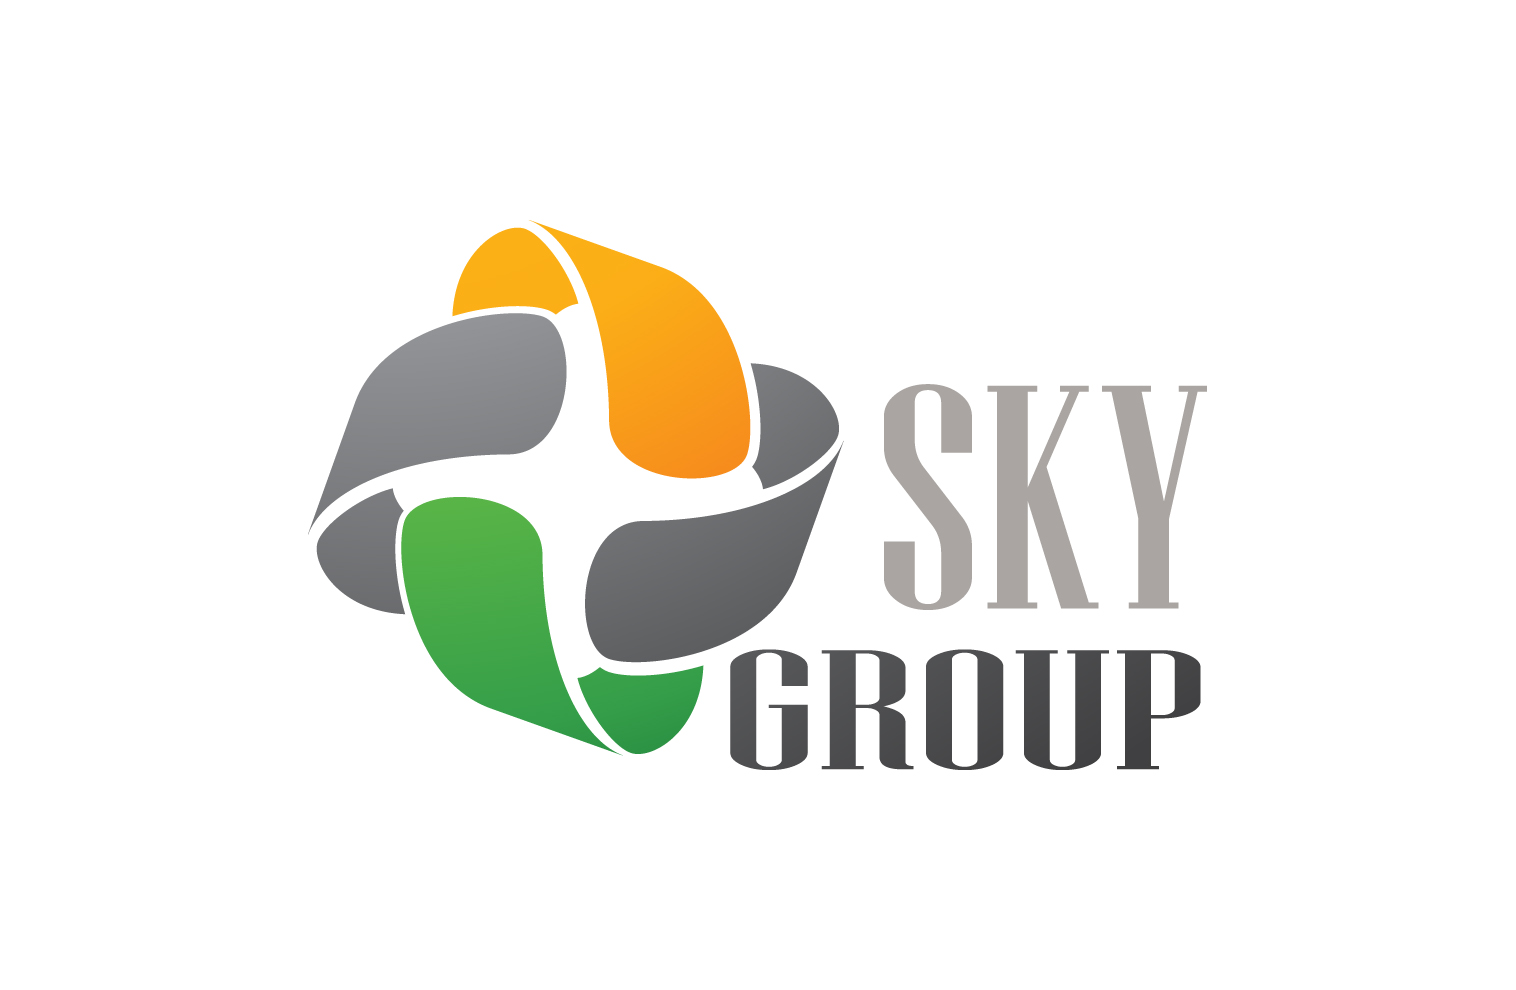 Новый логотип для производственной компании фото f_4265a8648ed97783.jpg